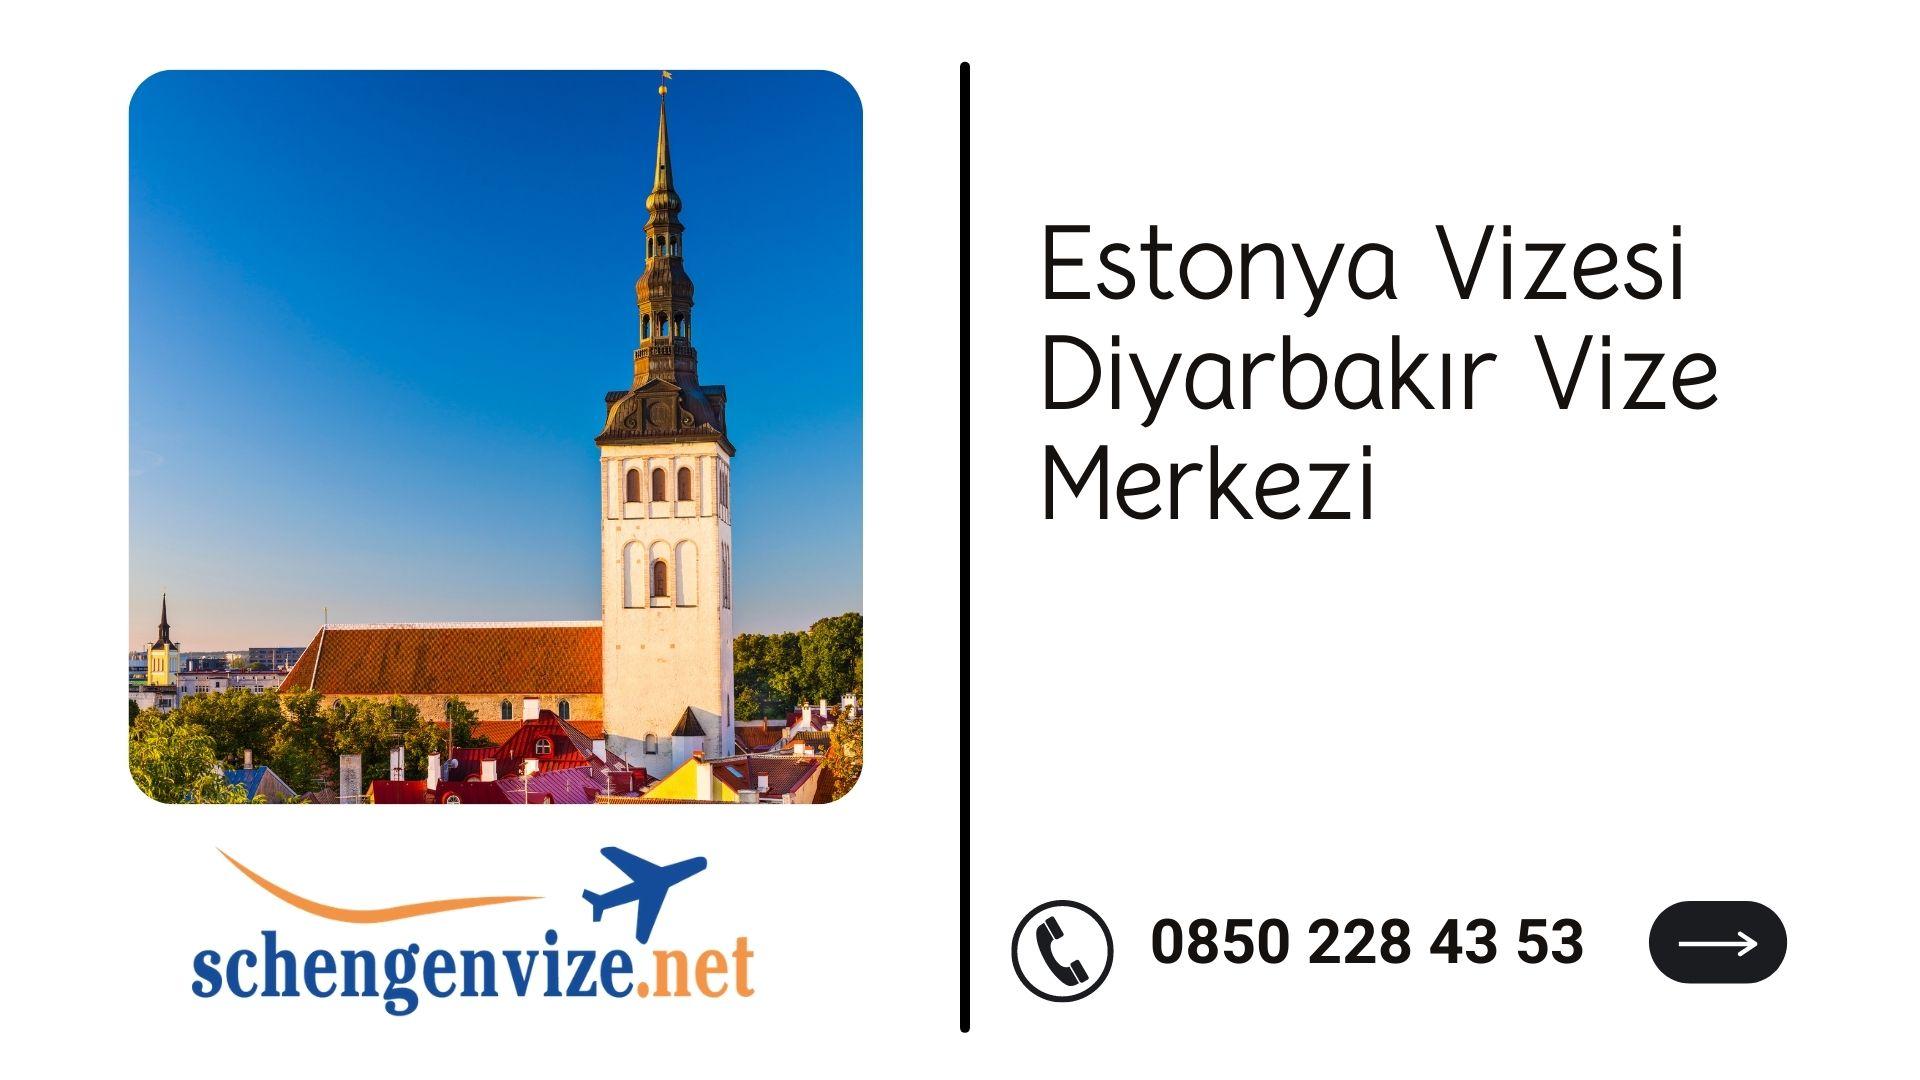 Estonya Vizesi Diyarbakır Vize Merkezi